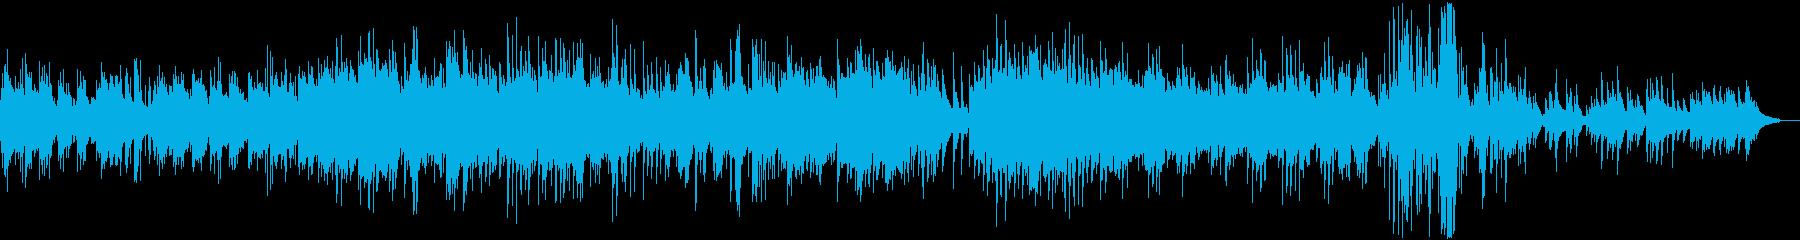 ピアノの非常に長い曲で、明るく、や...の再生済みの波形